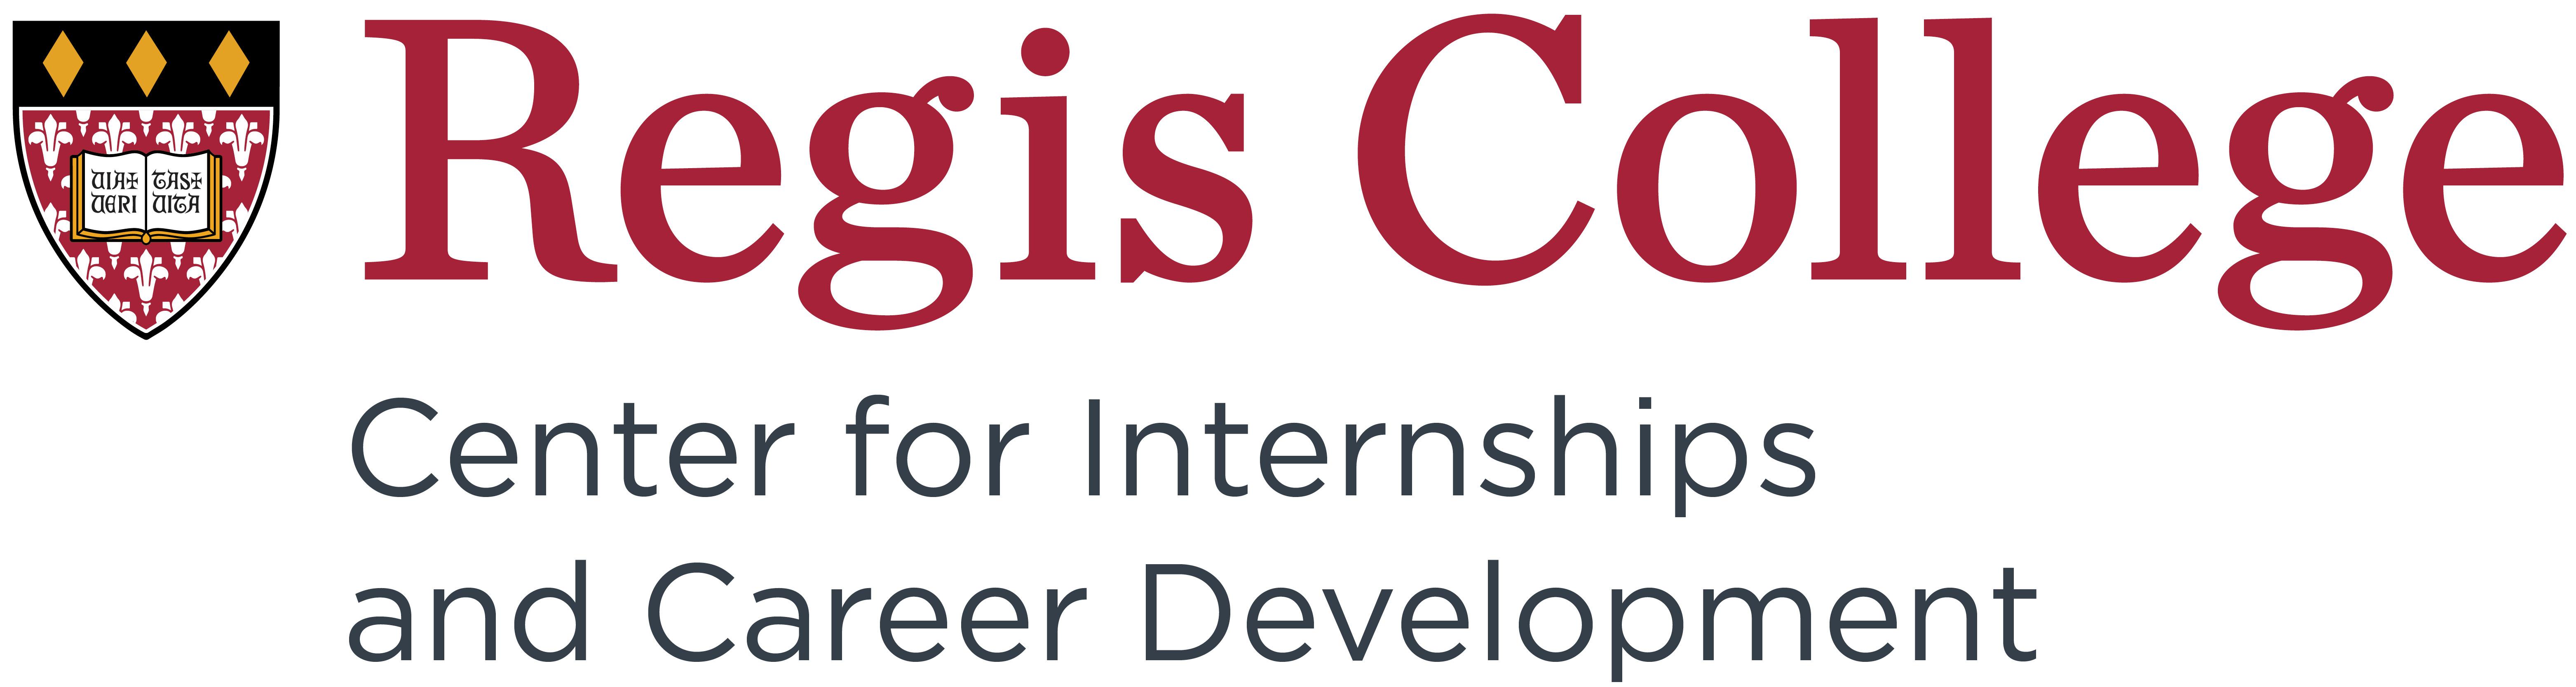 Center for Internships and Career Development